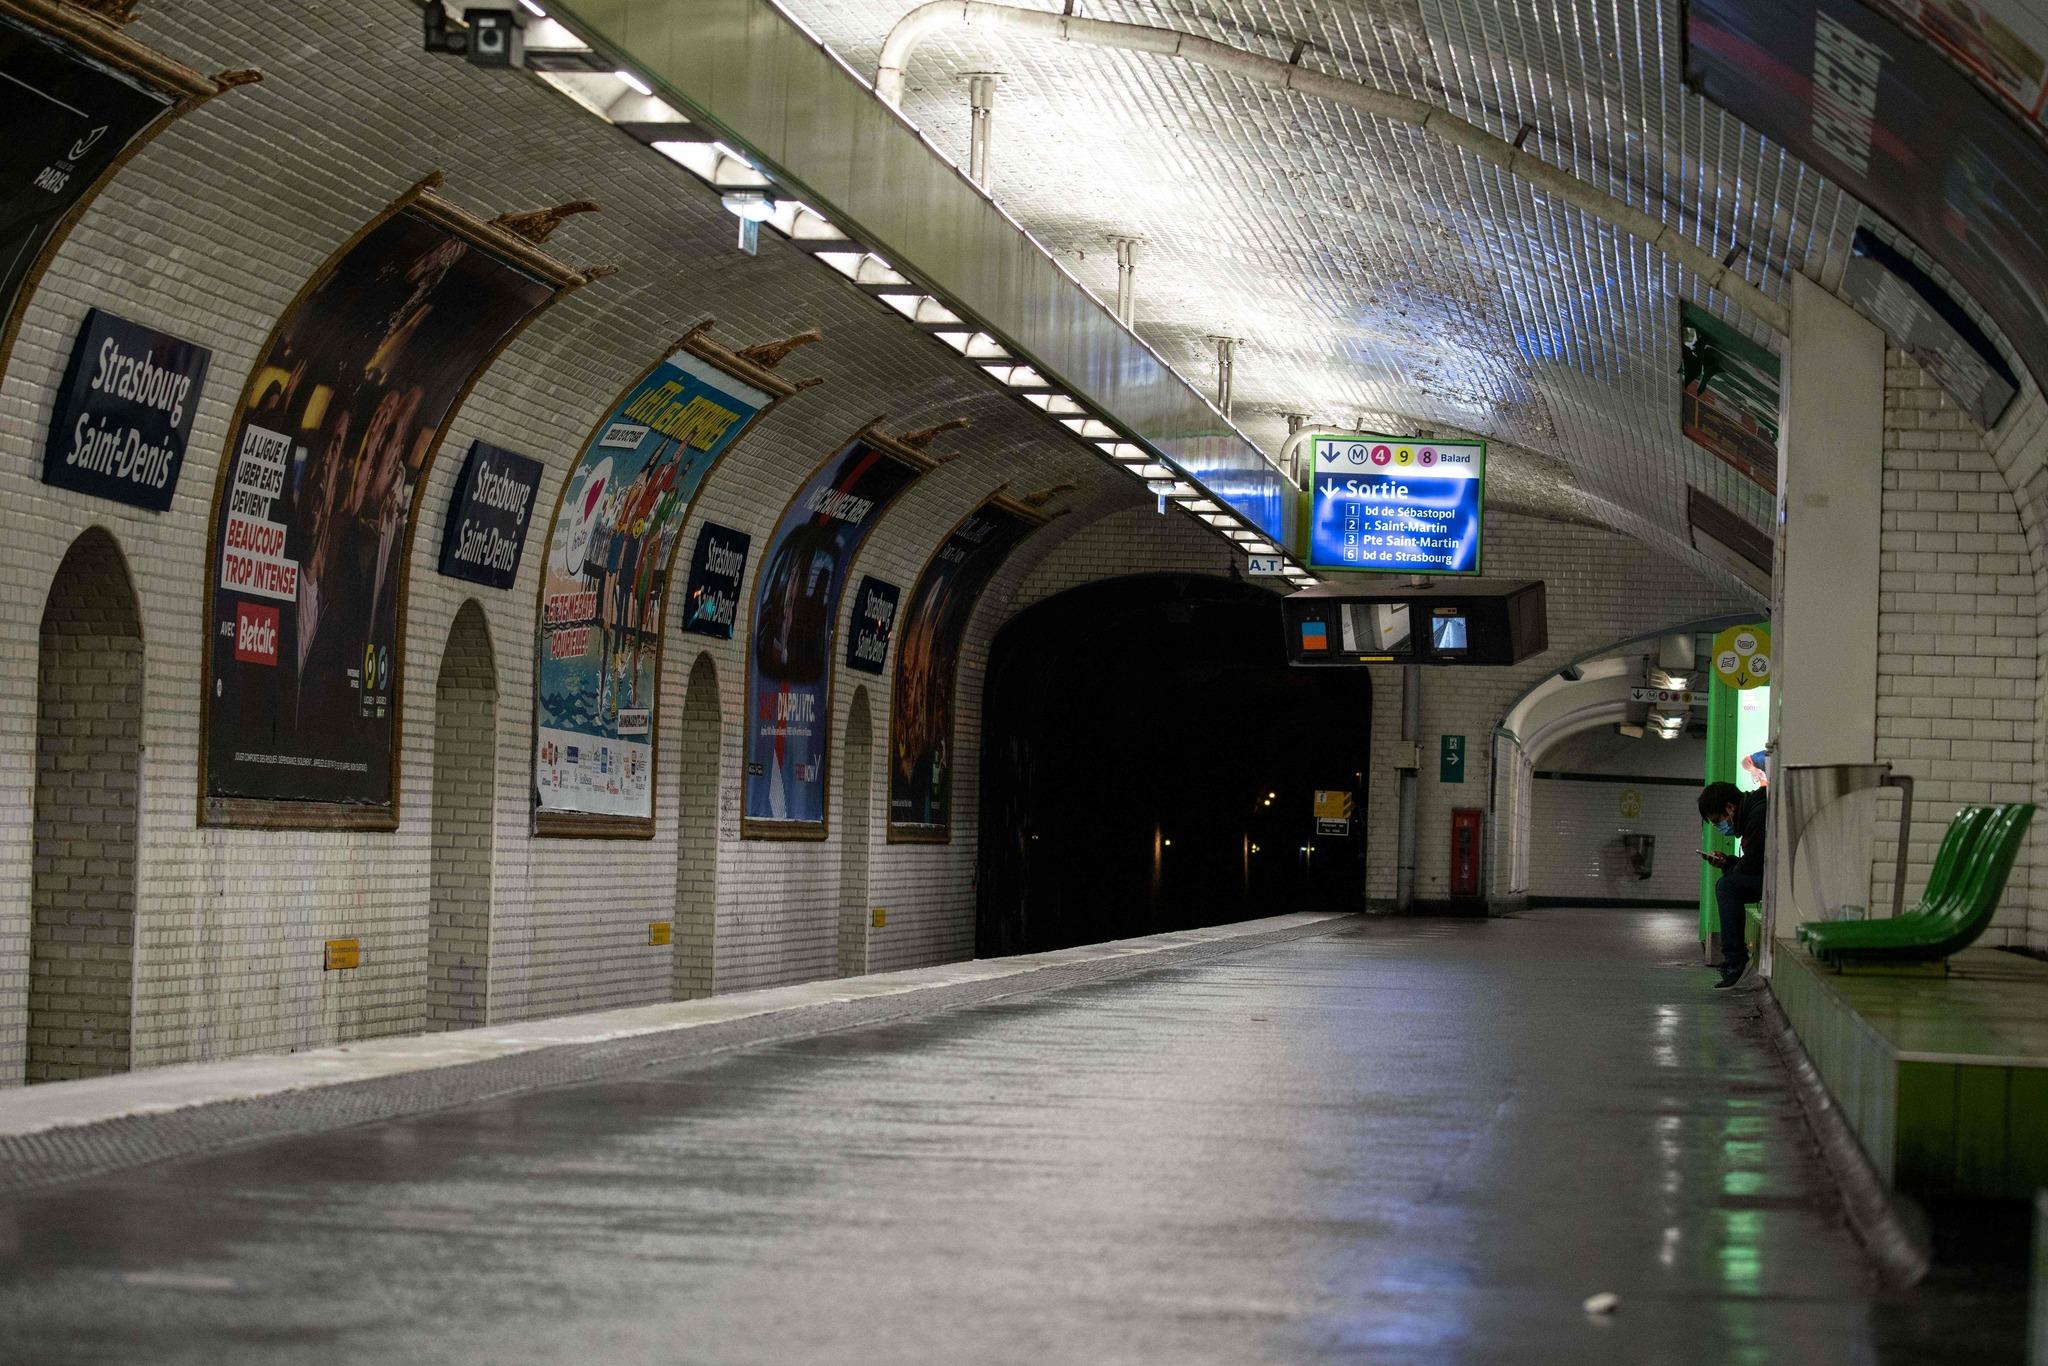 Un hombre espera el metro en una solitaria estación.